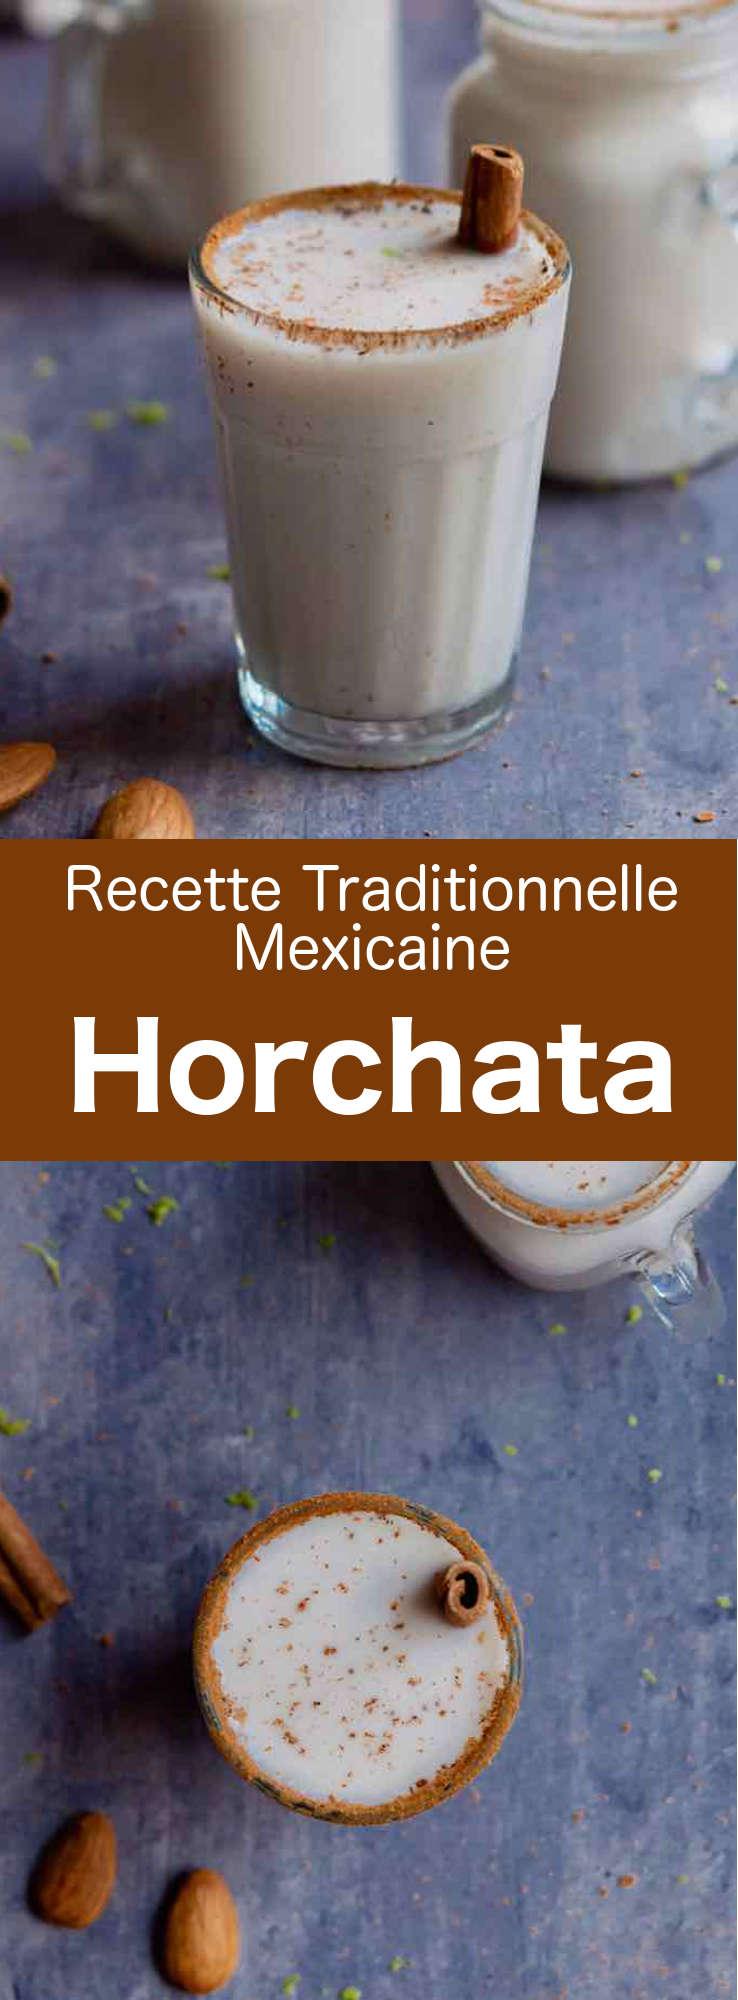 Préparée avec du riz et des amandes, la horchata est une délicieuse boisson raffaichissante qui est populaire dans tout le Mexique. #Mexique #RecetteMexicaine #BoissonMexicaine #CuisineDuMonde #196flavors